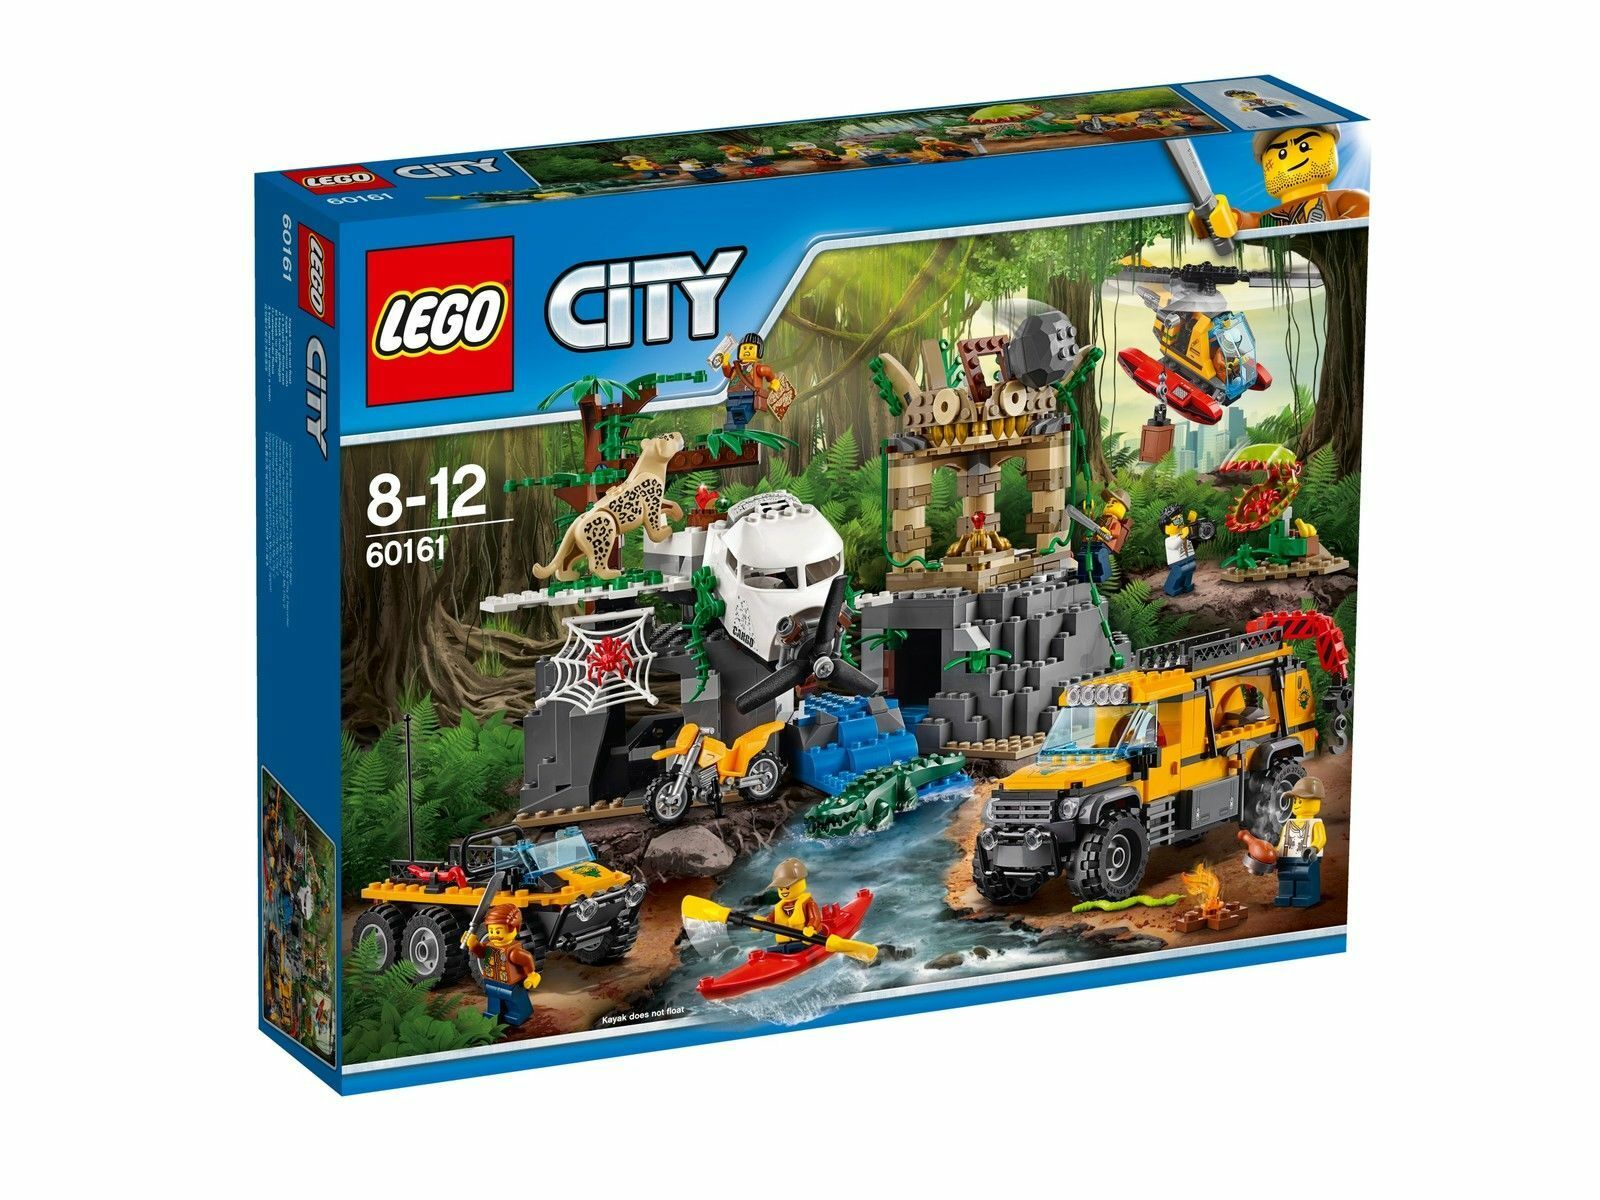 LEGO City Dschungel-Forschungsstation (60161) NEU/OVP mit Sofortversand